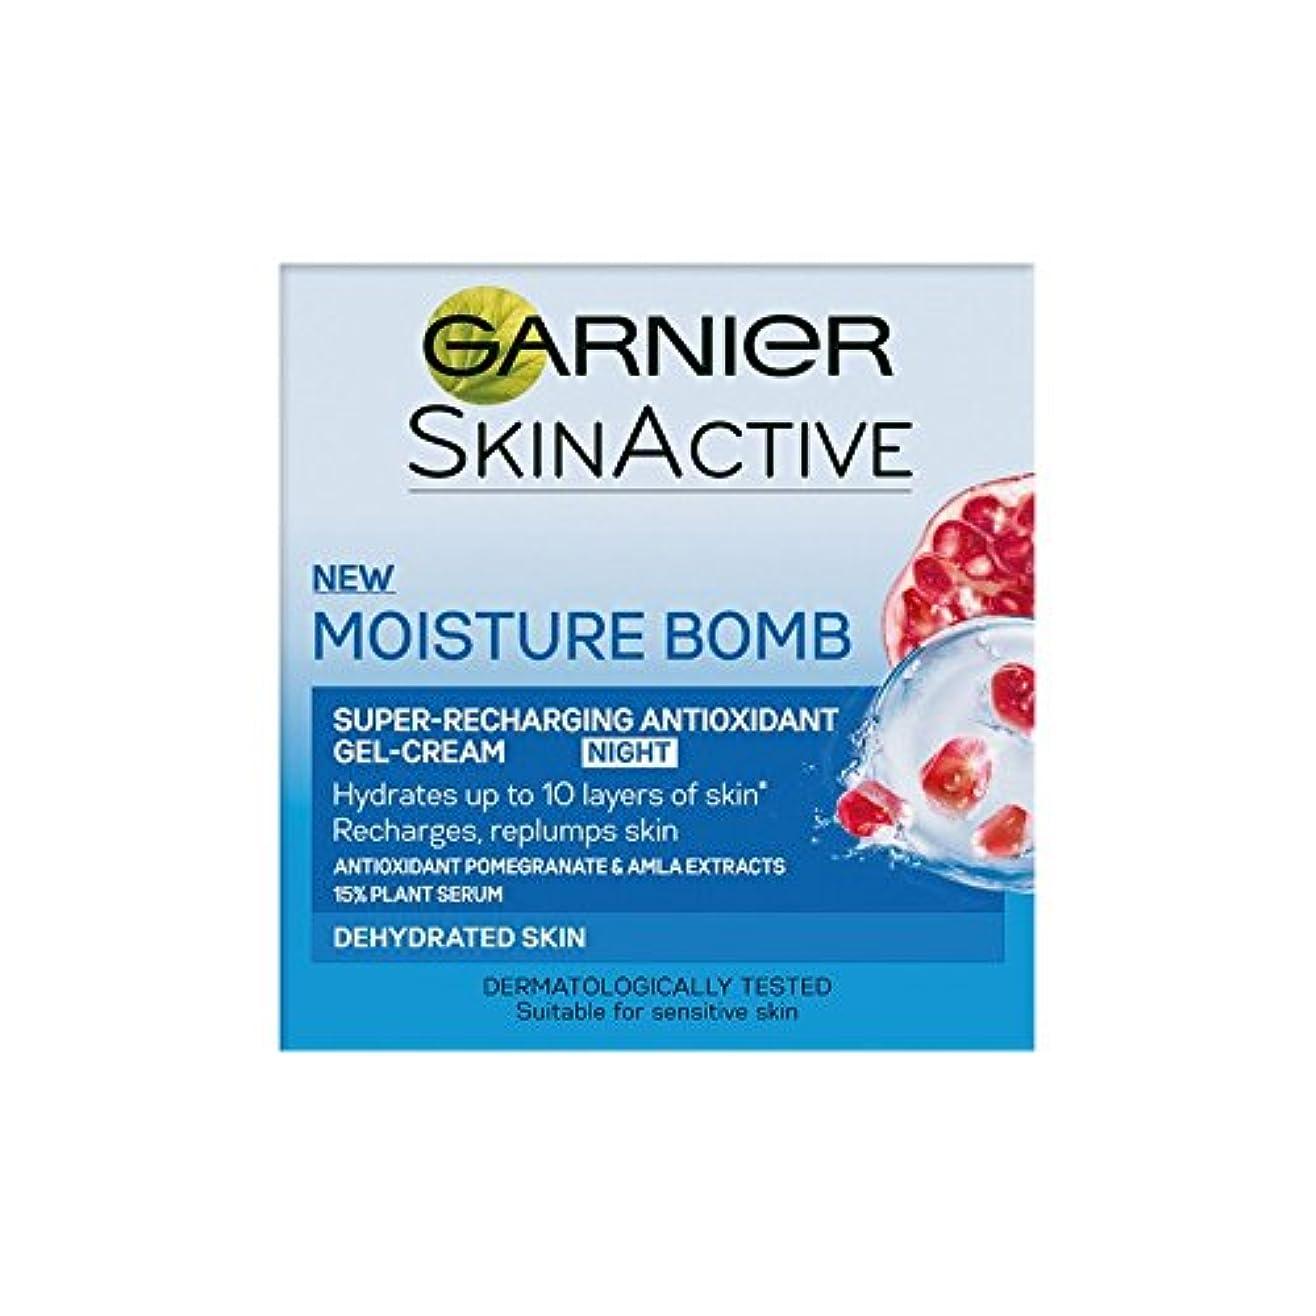 密輸塩嫌がらせガルニエ水分爆弾超充電夜のゲルクリーム(50ミリリットル) x2 - Garnier Moisture Bomb Super-Recharging Night Gel-Cream (50ml) (Pack of 2) [...